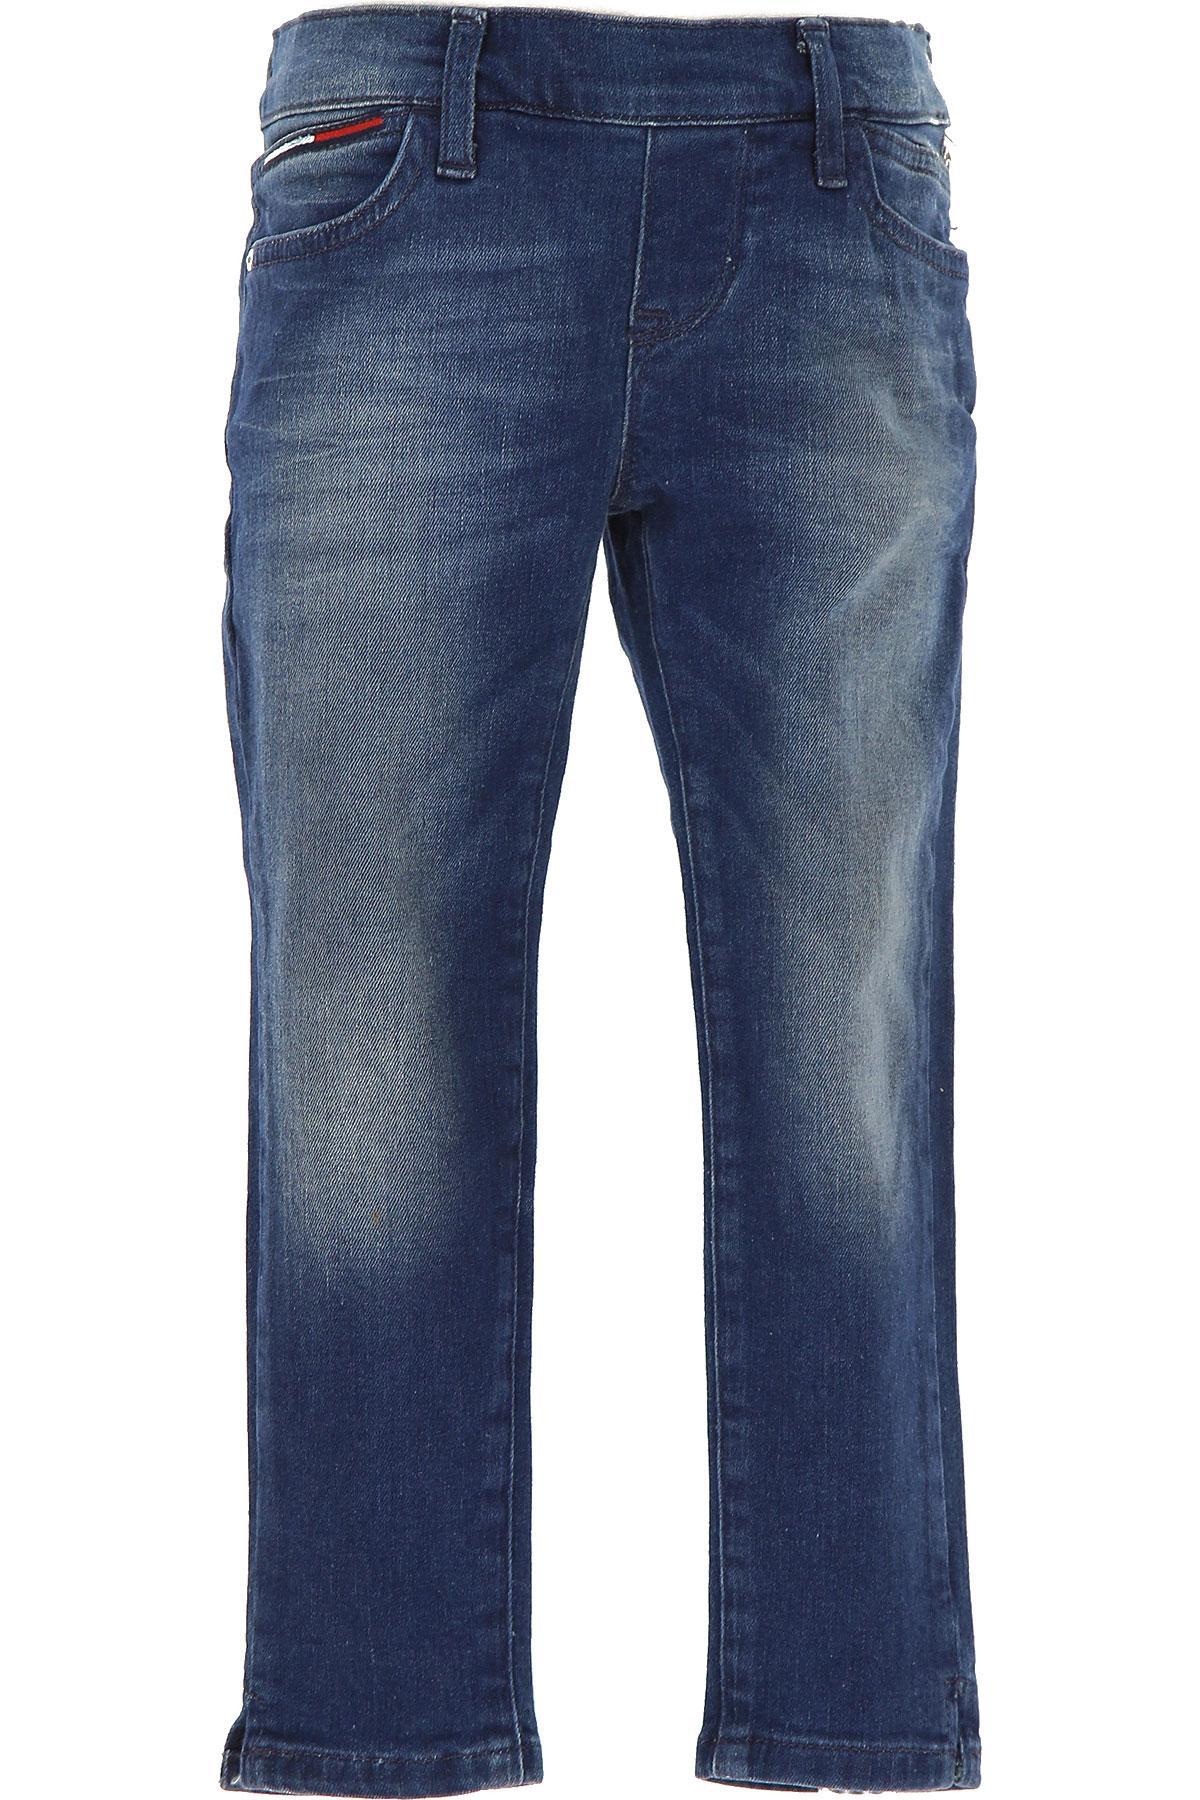 Tommy Hilfiger Kids Jeans for Girls On Sale in Outlet, Denim Blue, Cotton, 2019, 10Y 6Y